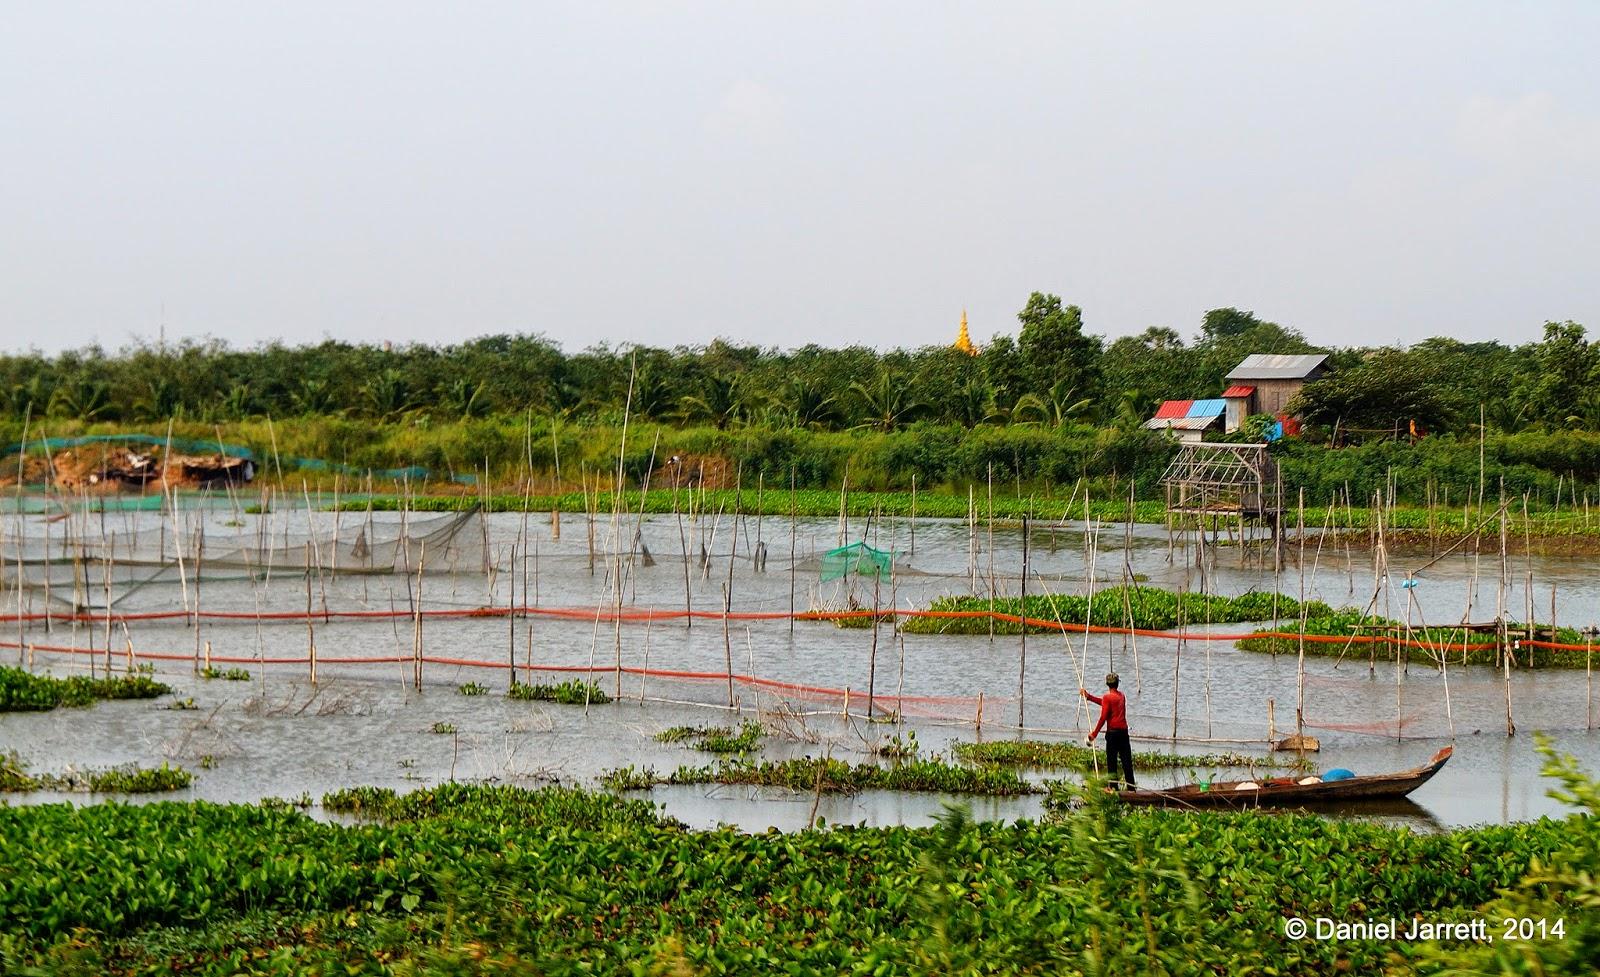 Fishing, Cambodia